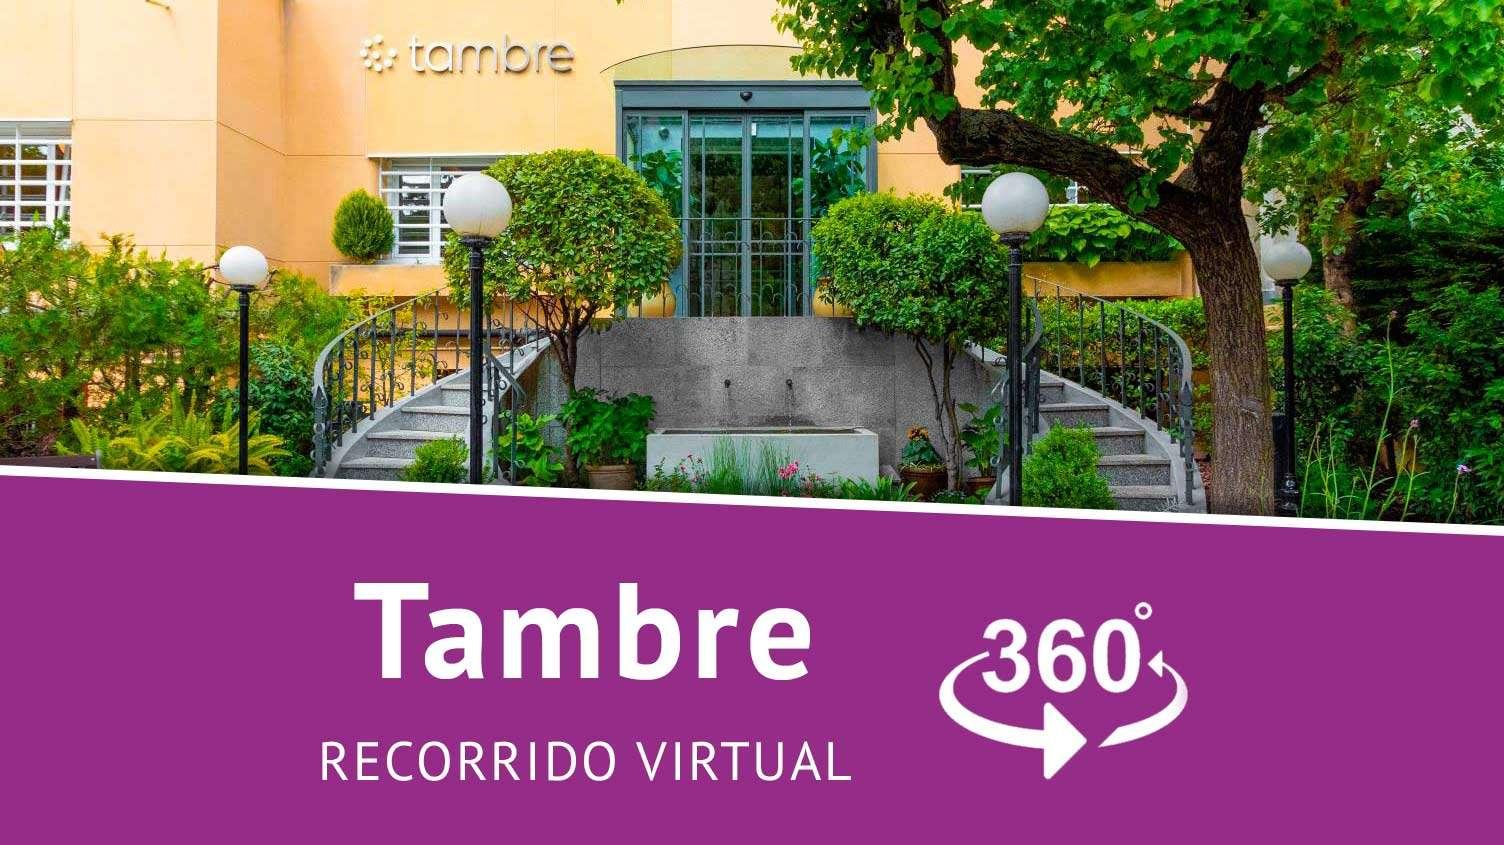 VIDEO 360 CLINICA TAMBRE